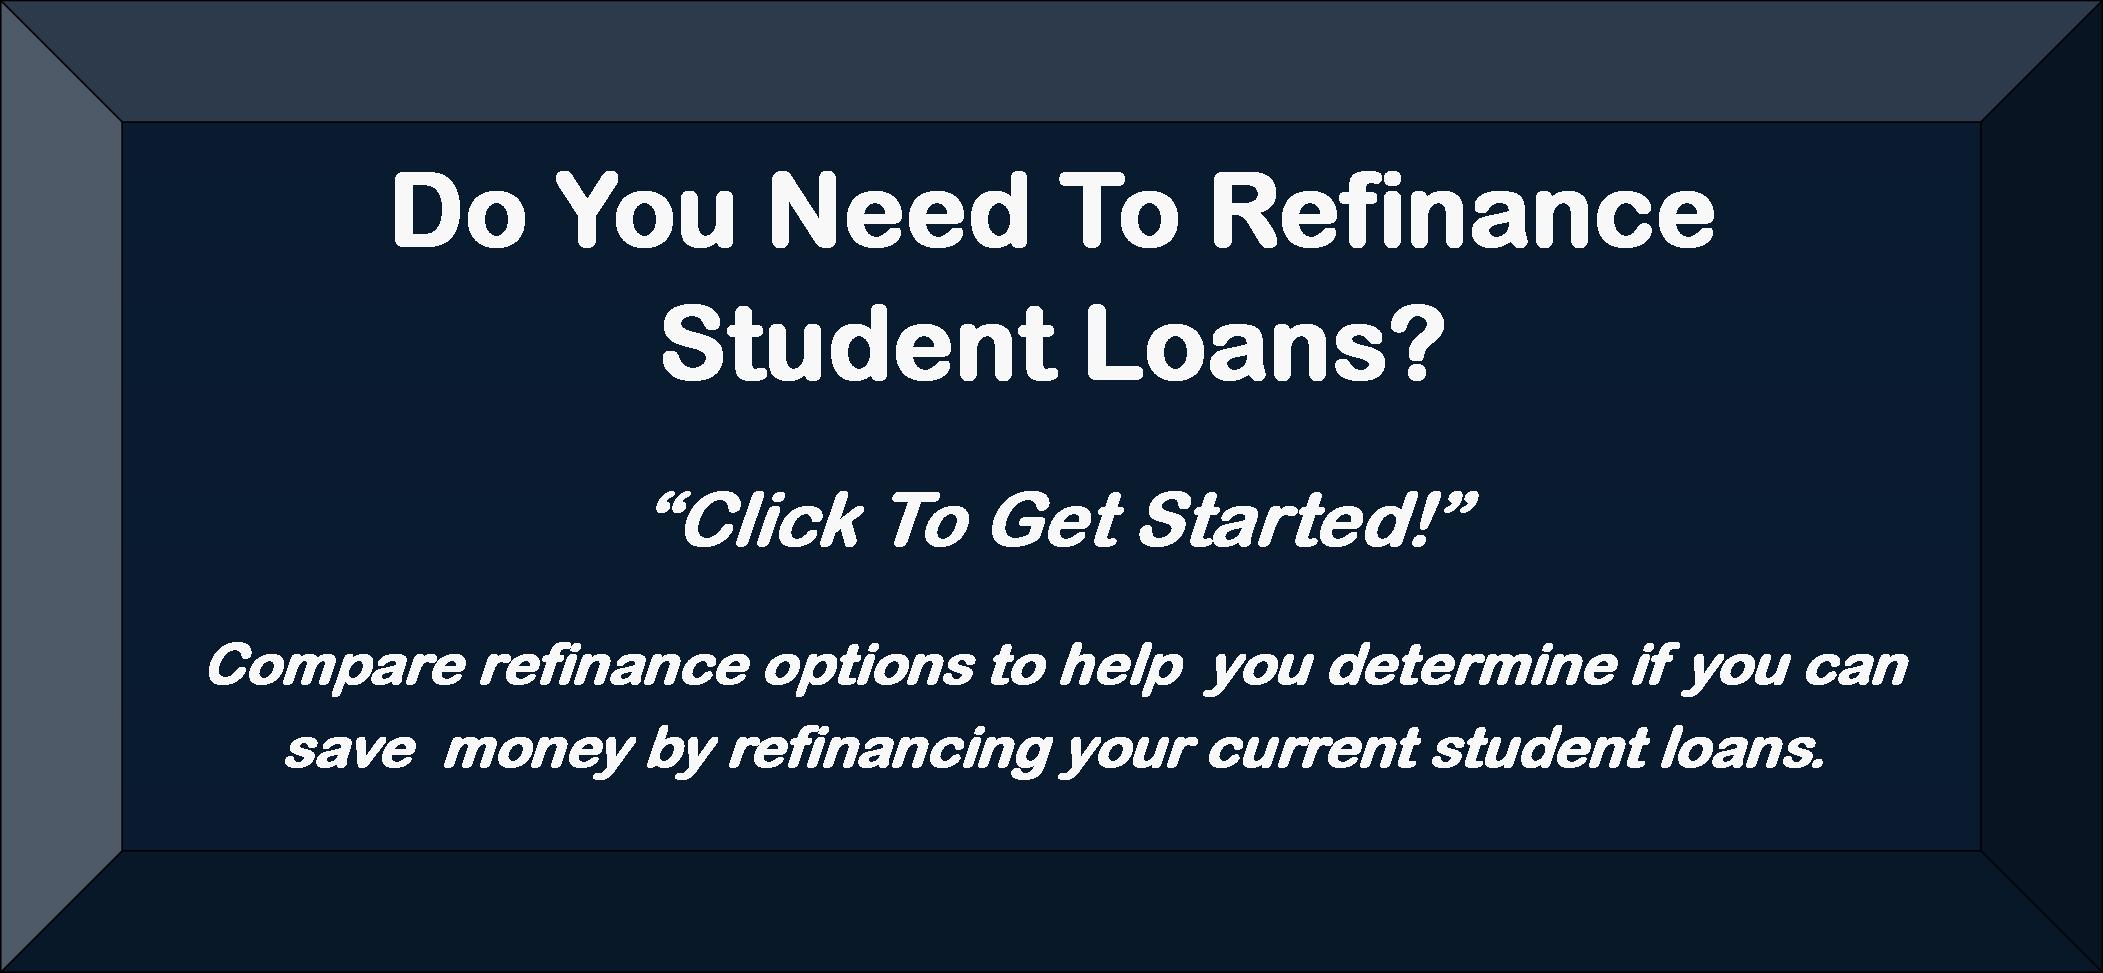 Refinance My Loans Now!